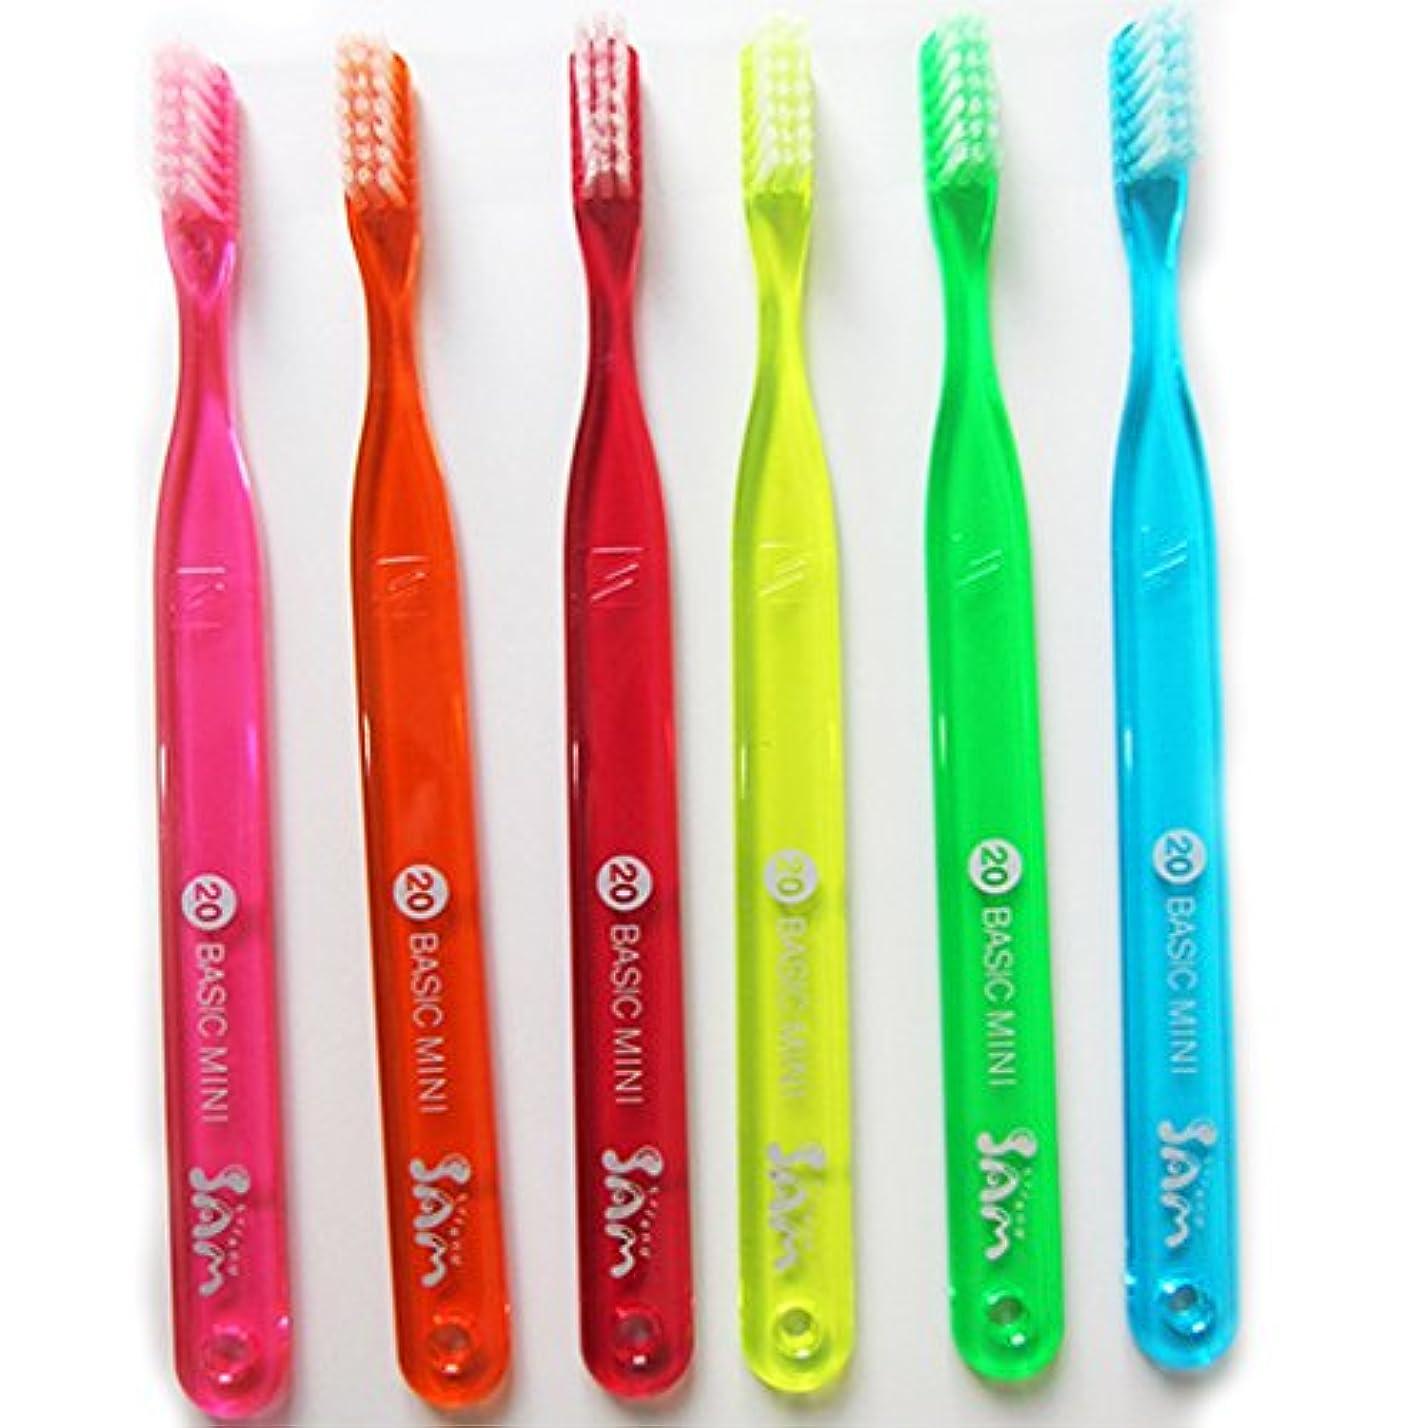 幻滅する予測子学期サムフレンド 【歯ブラシ】【サムフレンド 20】【6本】サムフレンド歯ブラシ20 BASIC MEDIUM Mini 6色セット【歯科